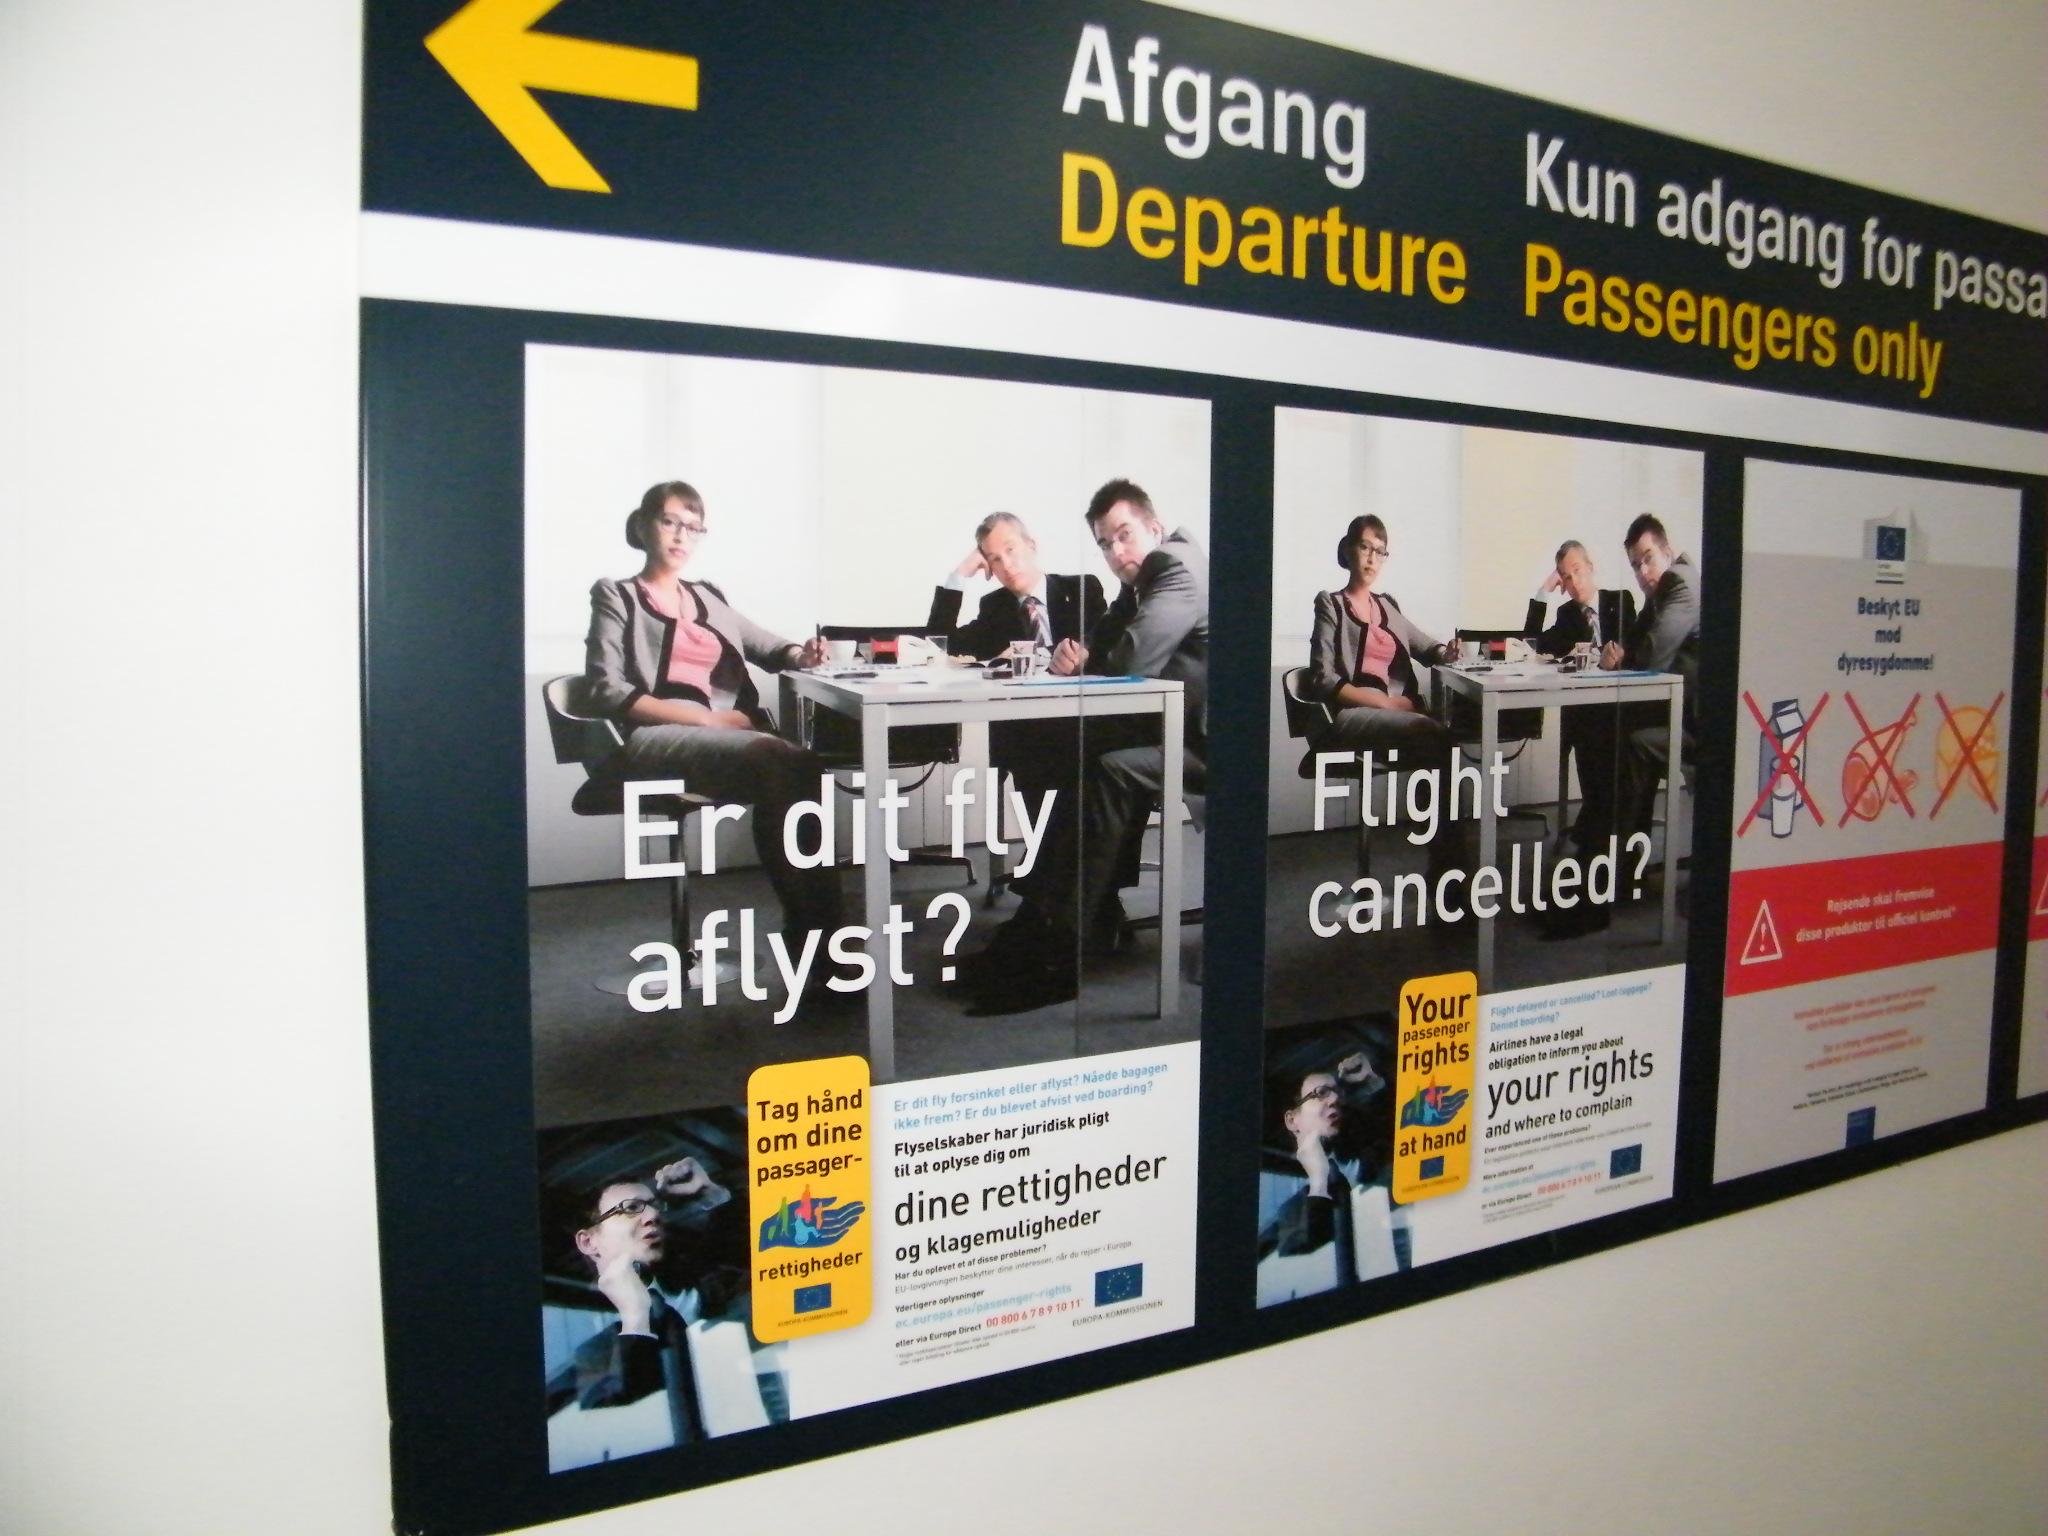 Der er forskel på flyselskaberne når det gælder tilbagebetalinger for annullerede flyrejser. Den europæiske rejsebureauforening at nogle flyselskaber er alt for lang tid om dette. Arkivfoto: Henrik Baumgarten.